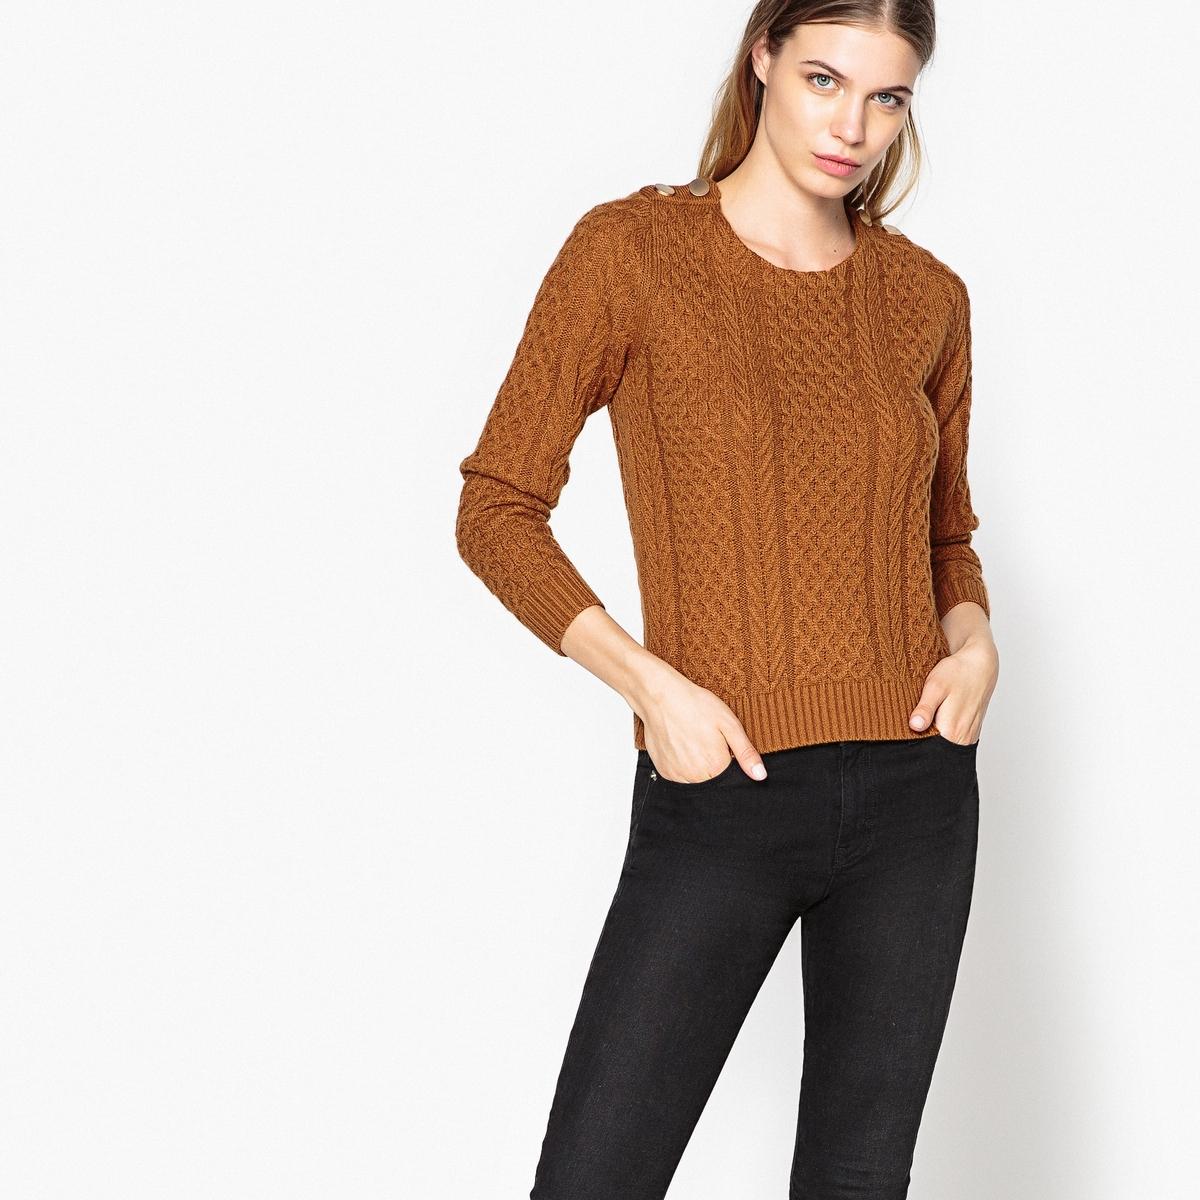 Пуловер с круглым вырезом из плотного трикотажаДетали •  Длинные рукава •  Круглый вырез •  Плотный трикотаж Состав и уход •  55% шерсти, 45% полиамида •  Следуйте советам по уходу, указанным на этикетке<br><br>Цвет: темно-бежевый<br>Размер: S